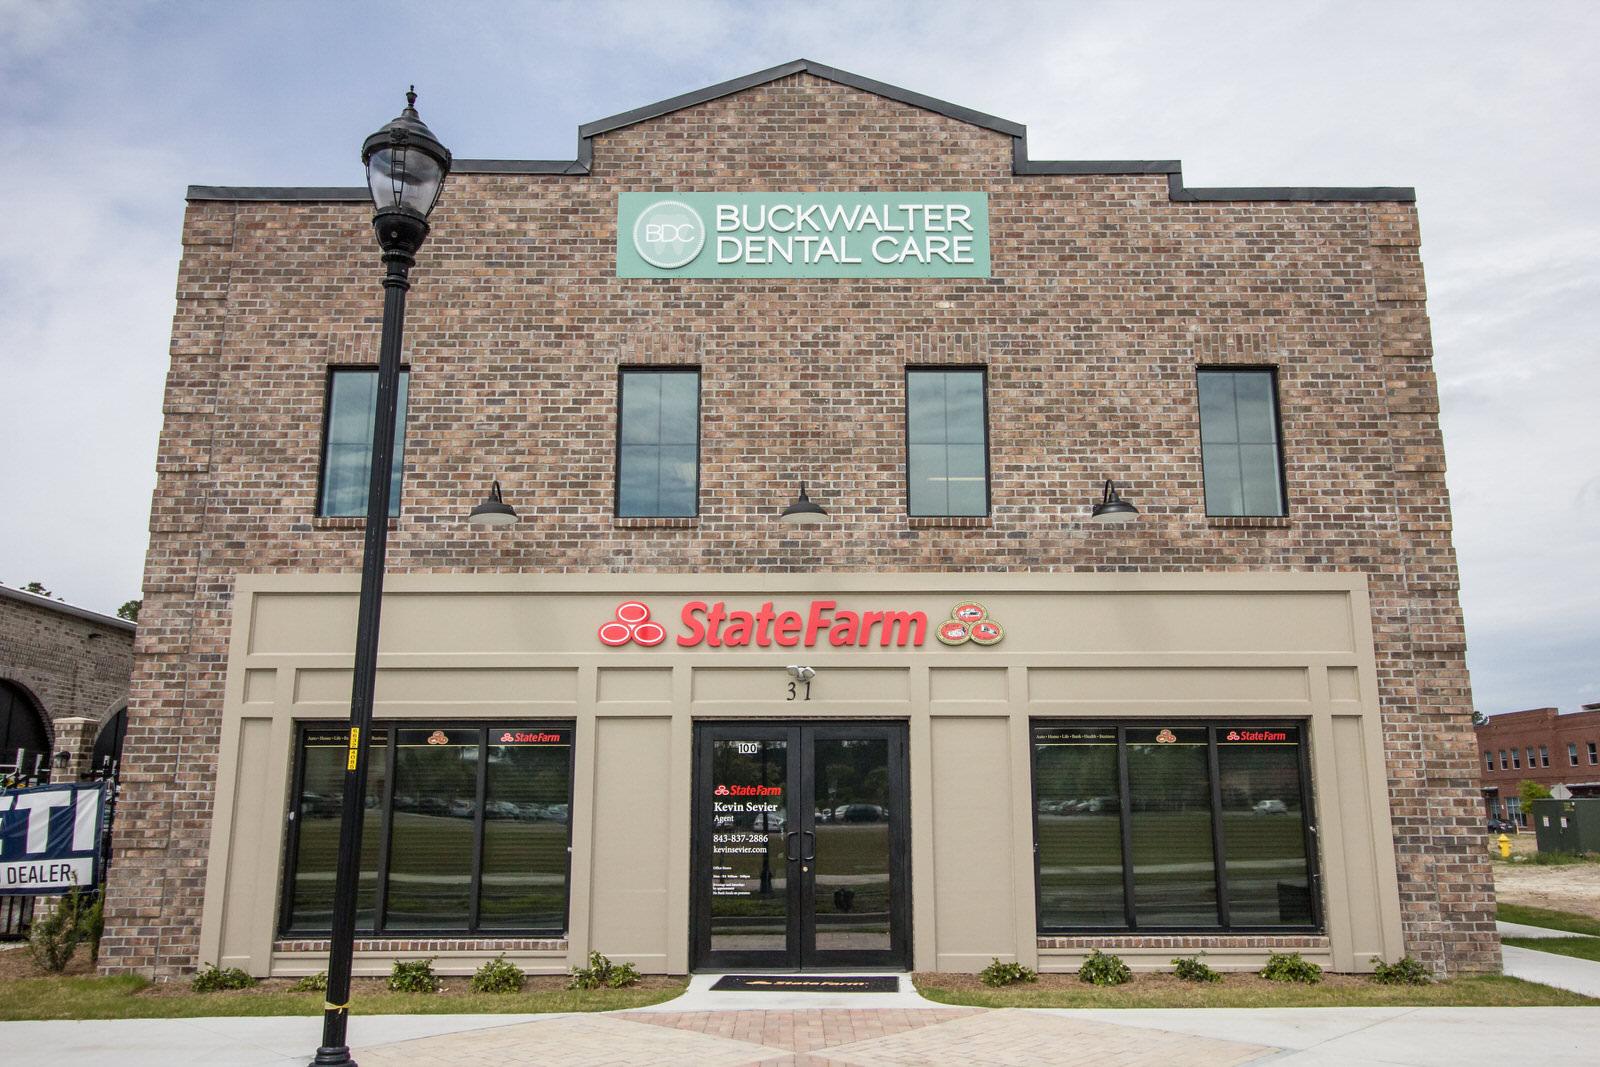 Buckwalter Dental Care office